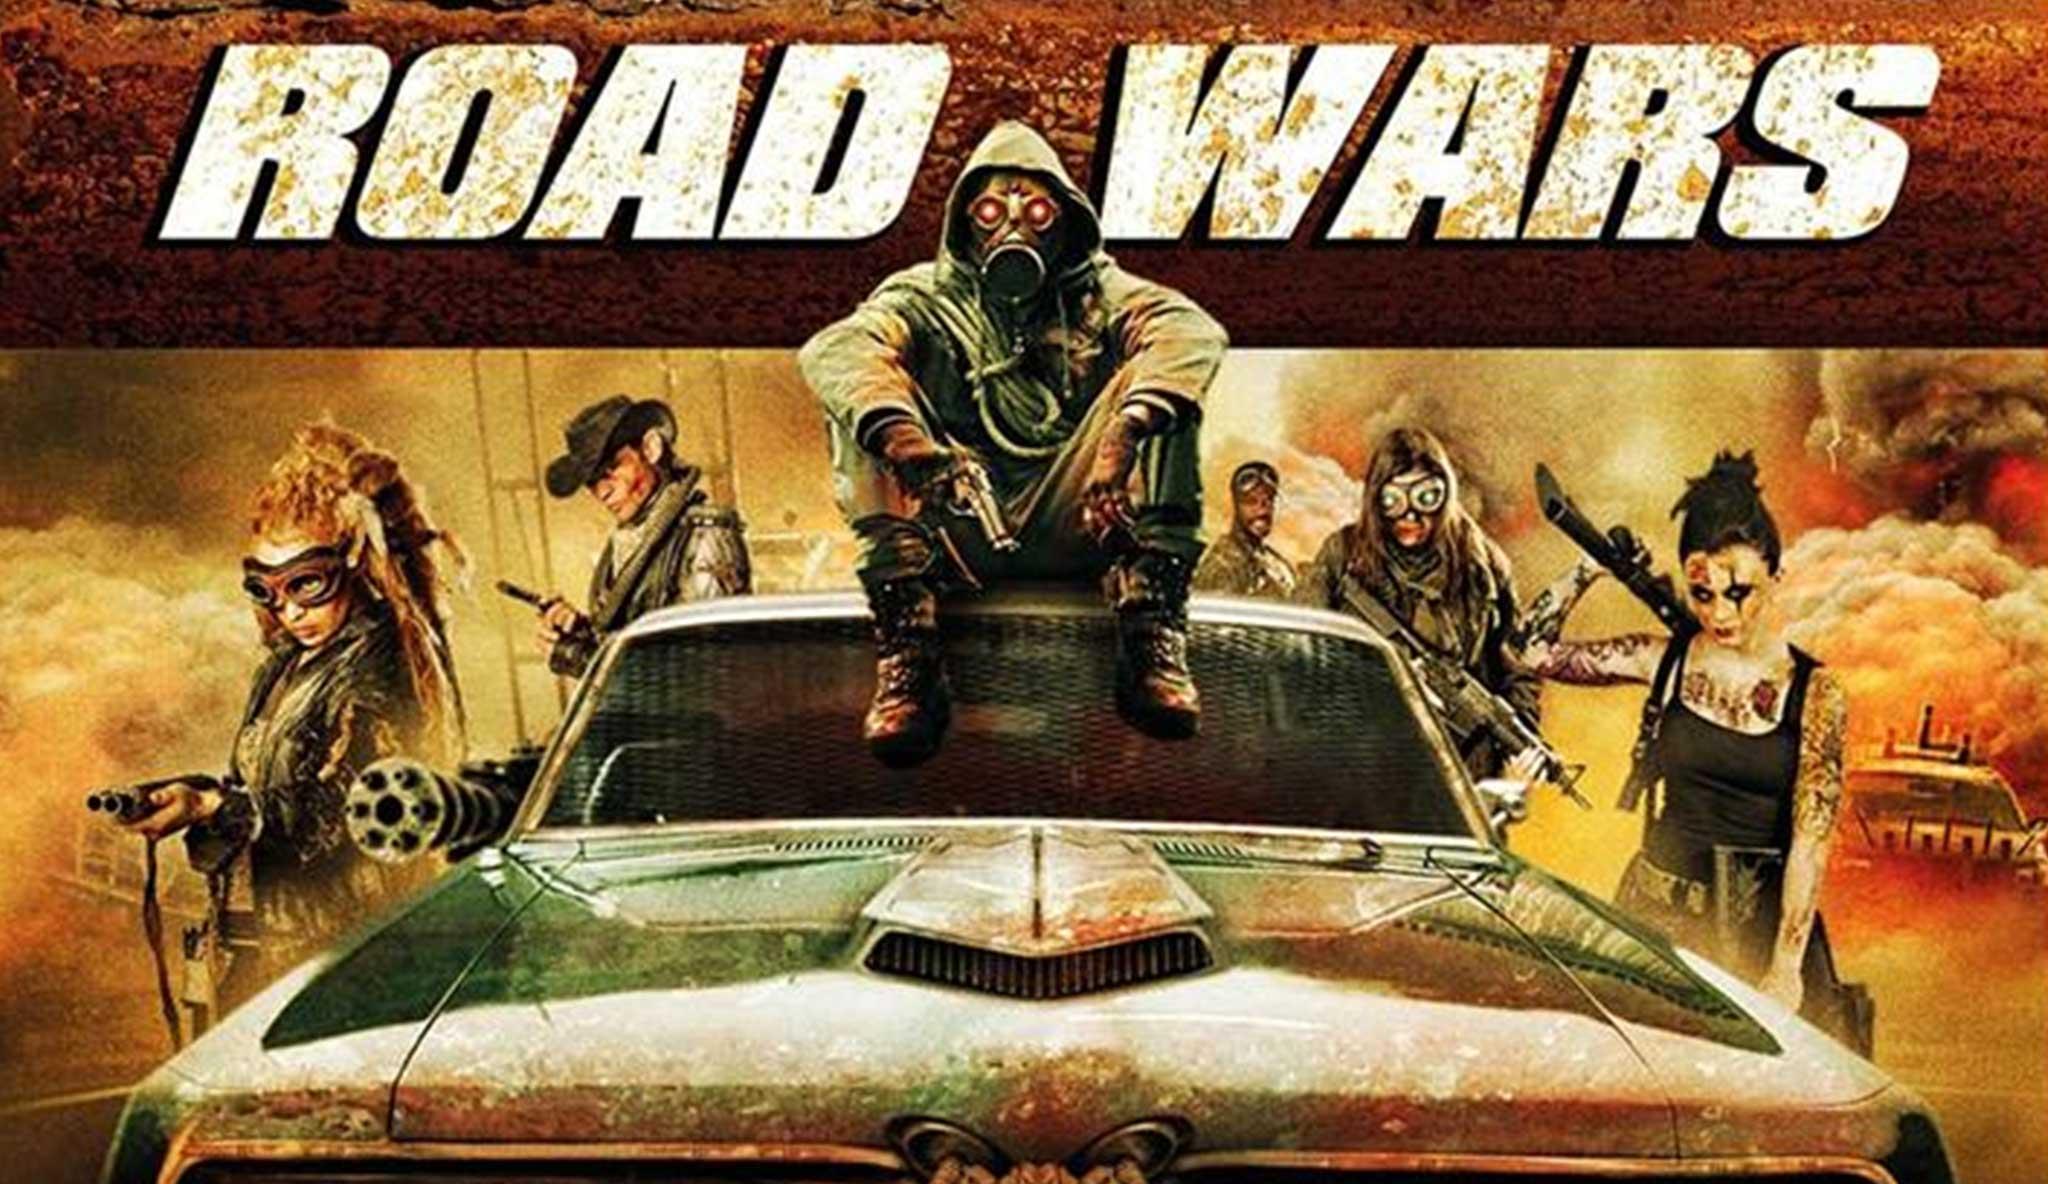 road-wars-willkommen-in-der-holle\header.jpg